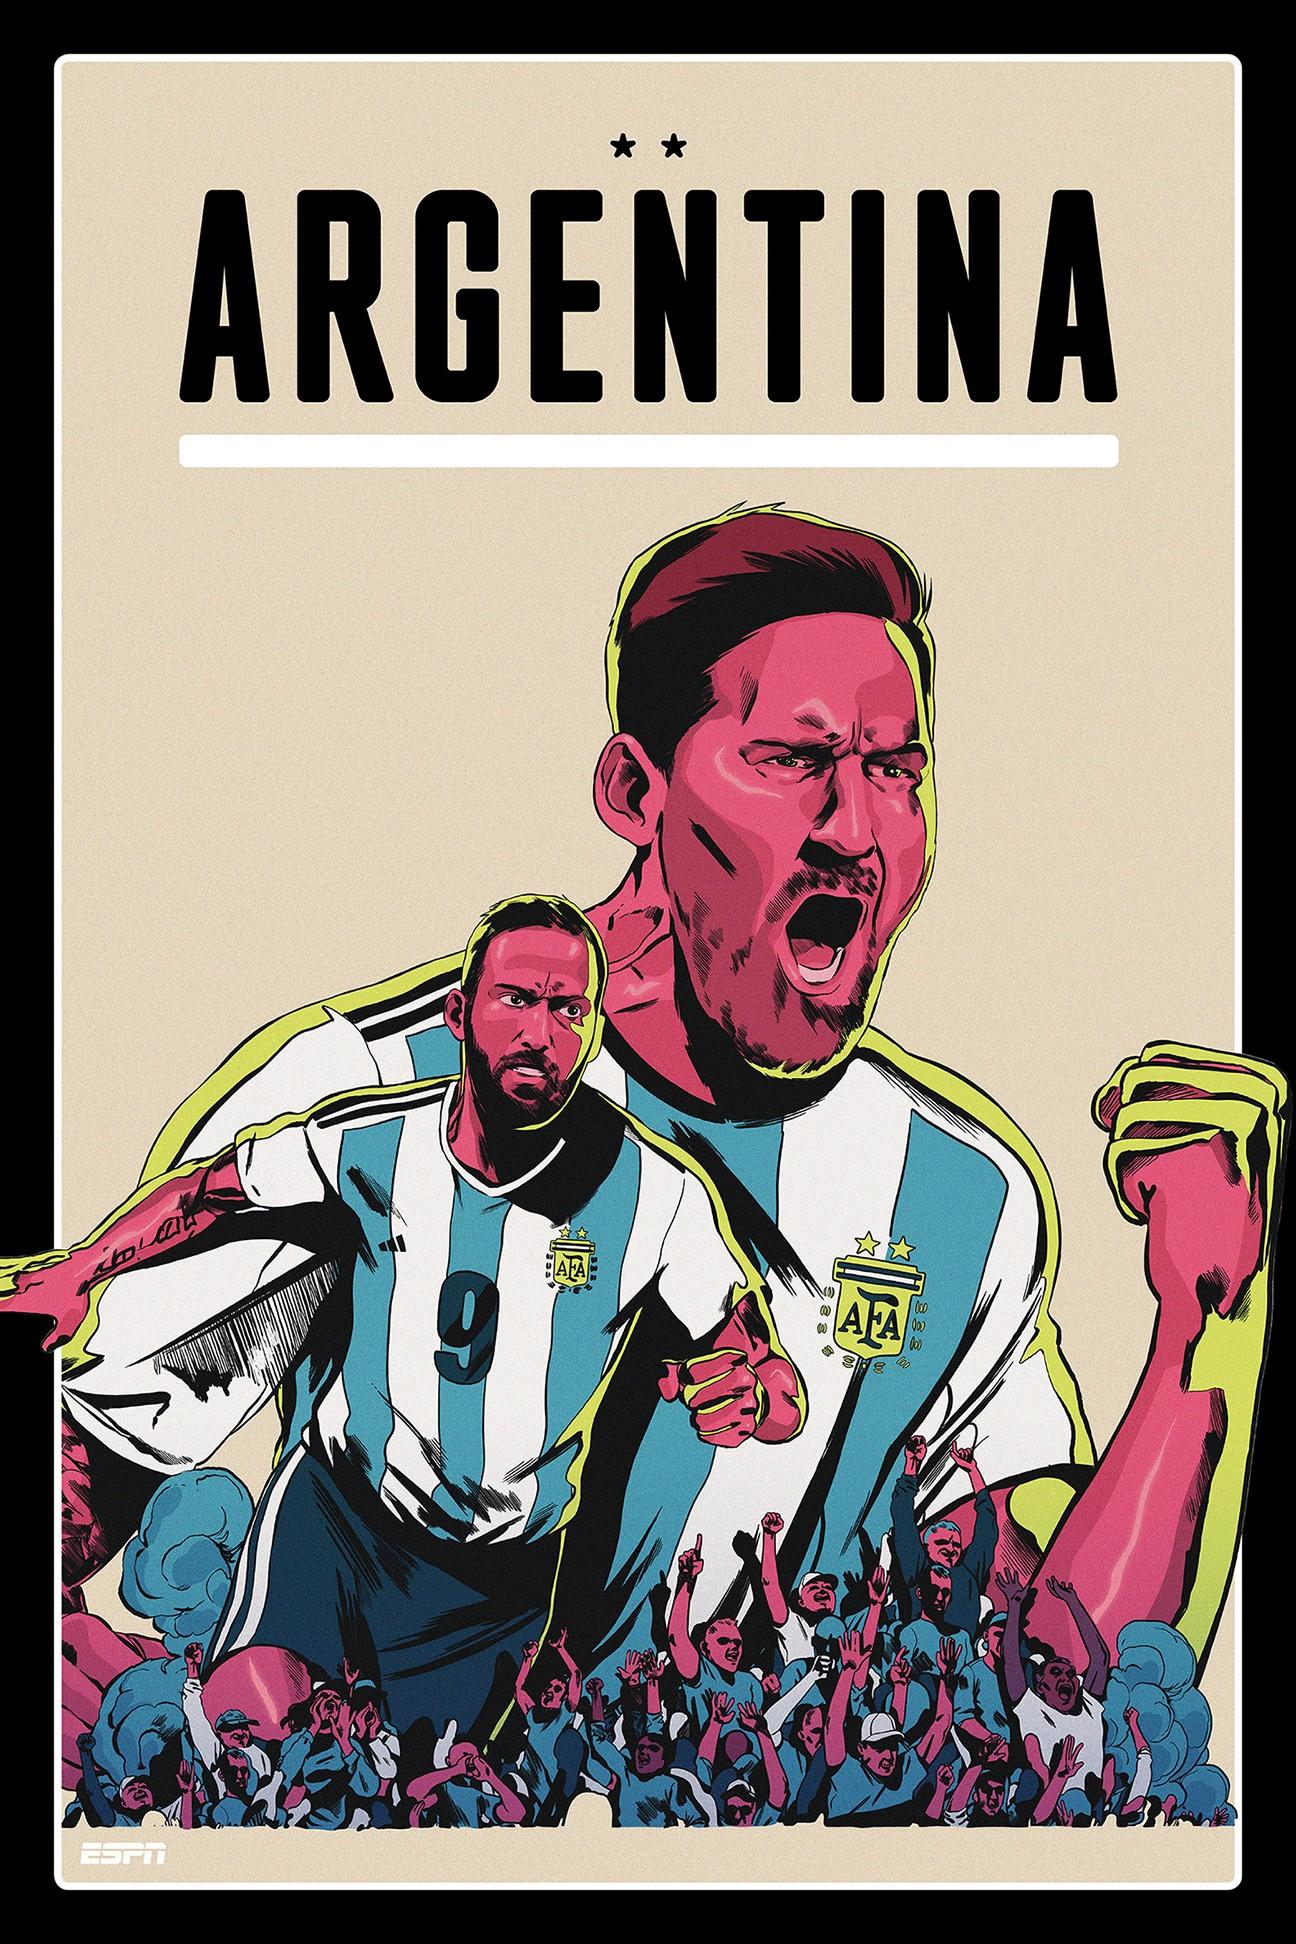 espn发布世界杯球队海报,顶级插画师设计质感十足